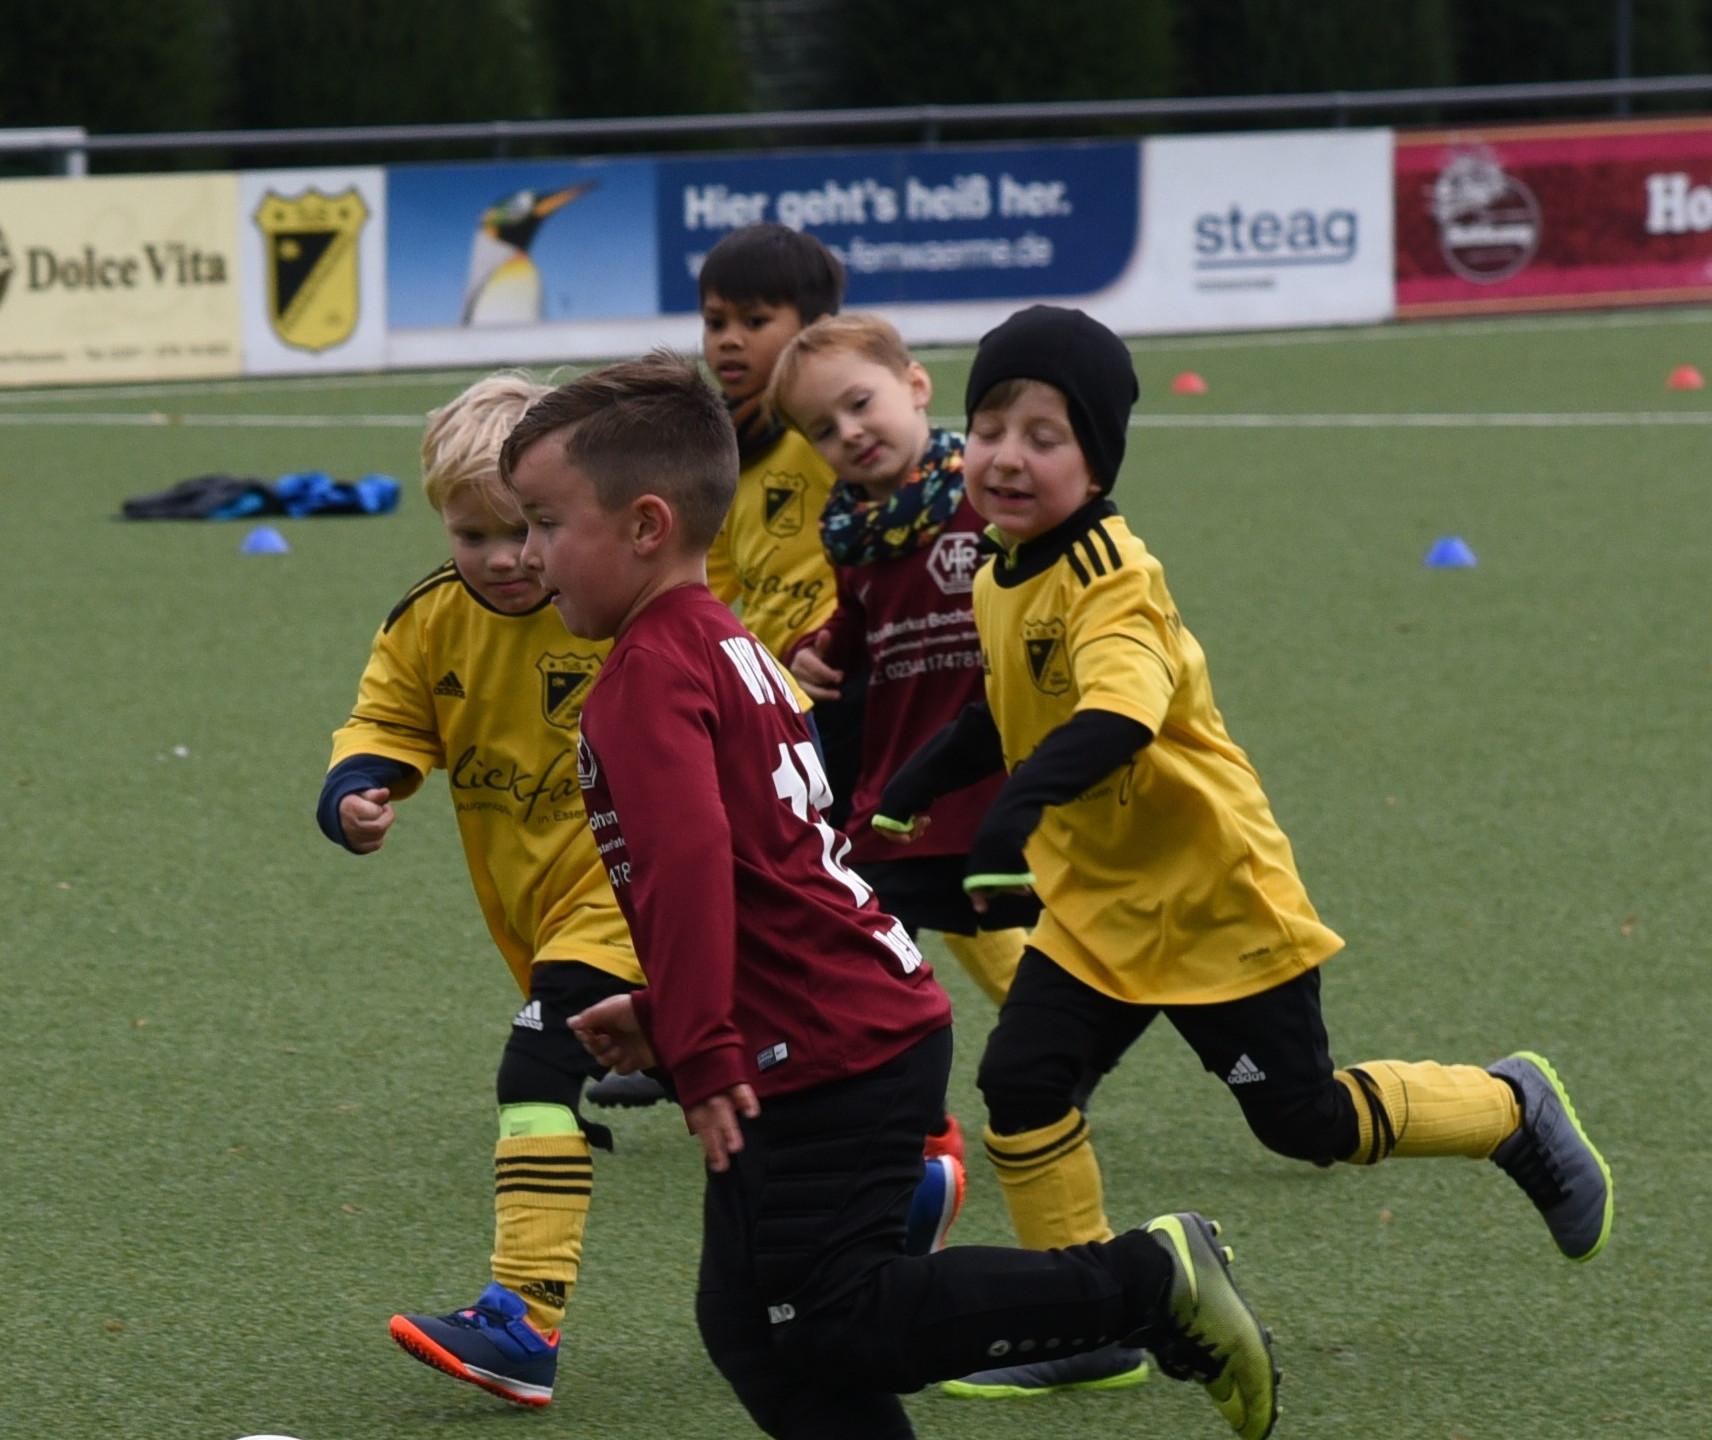 G3 vs Oberhausen 20191005 (29)